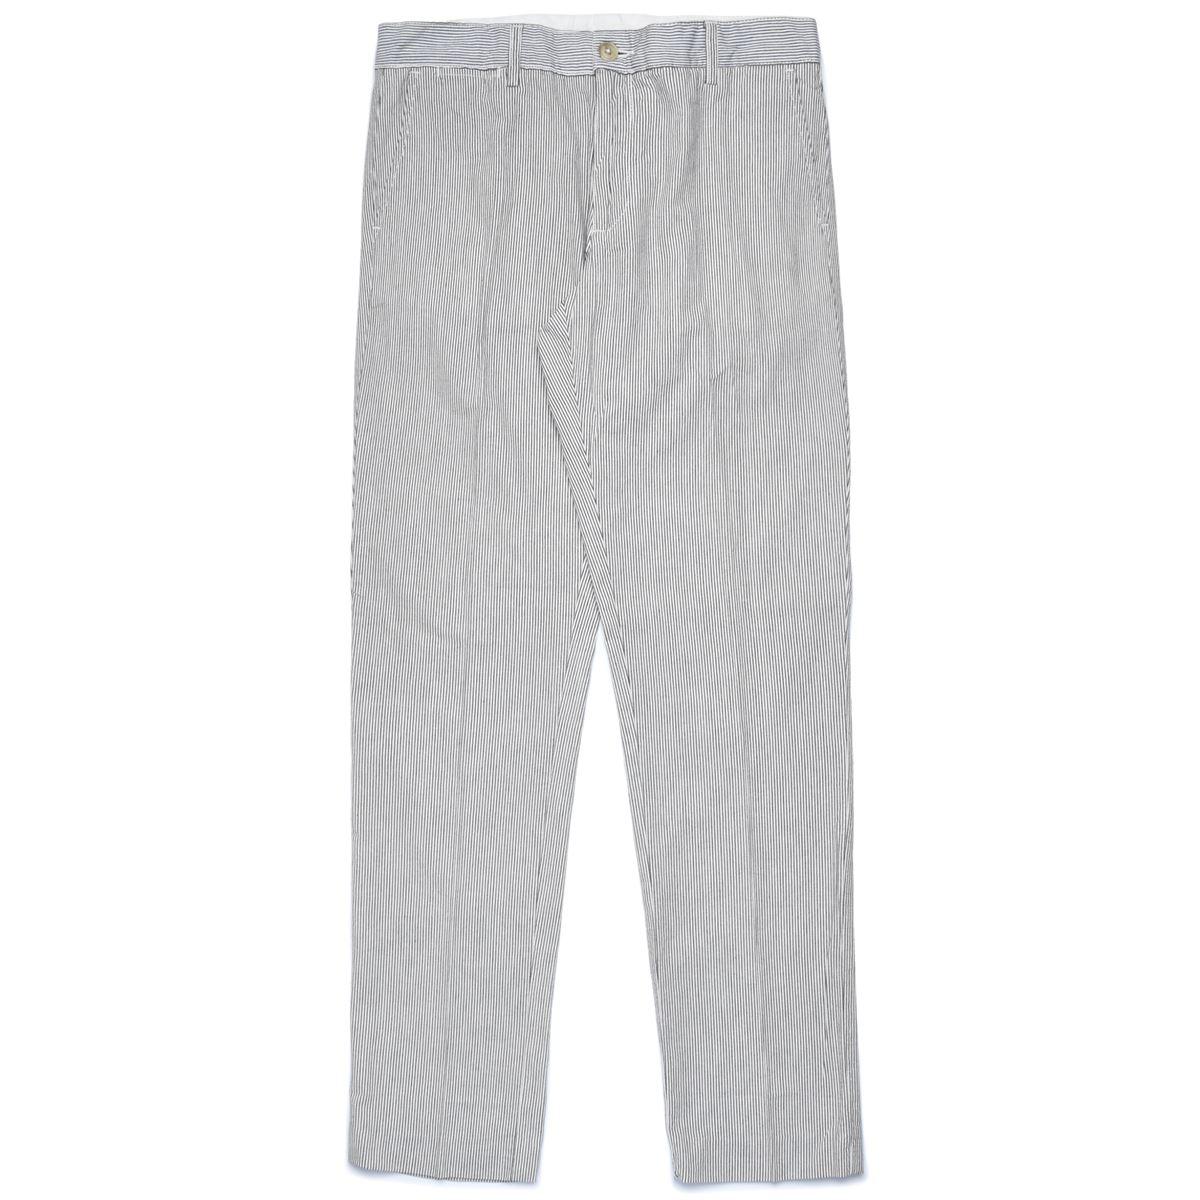 Robe di Kappa Pantaloni uomo-611217W